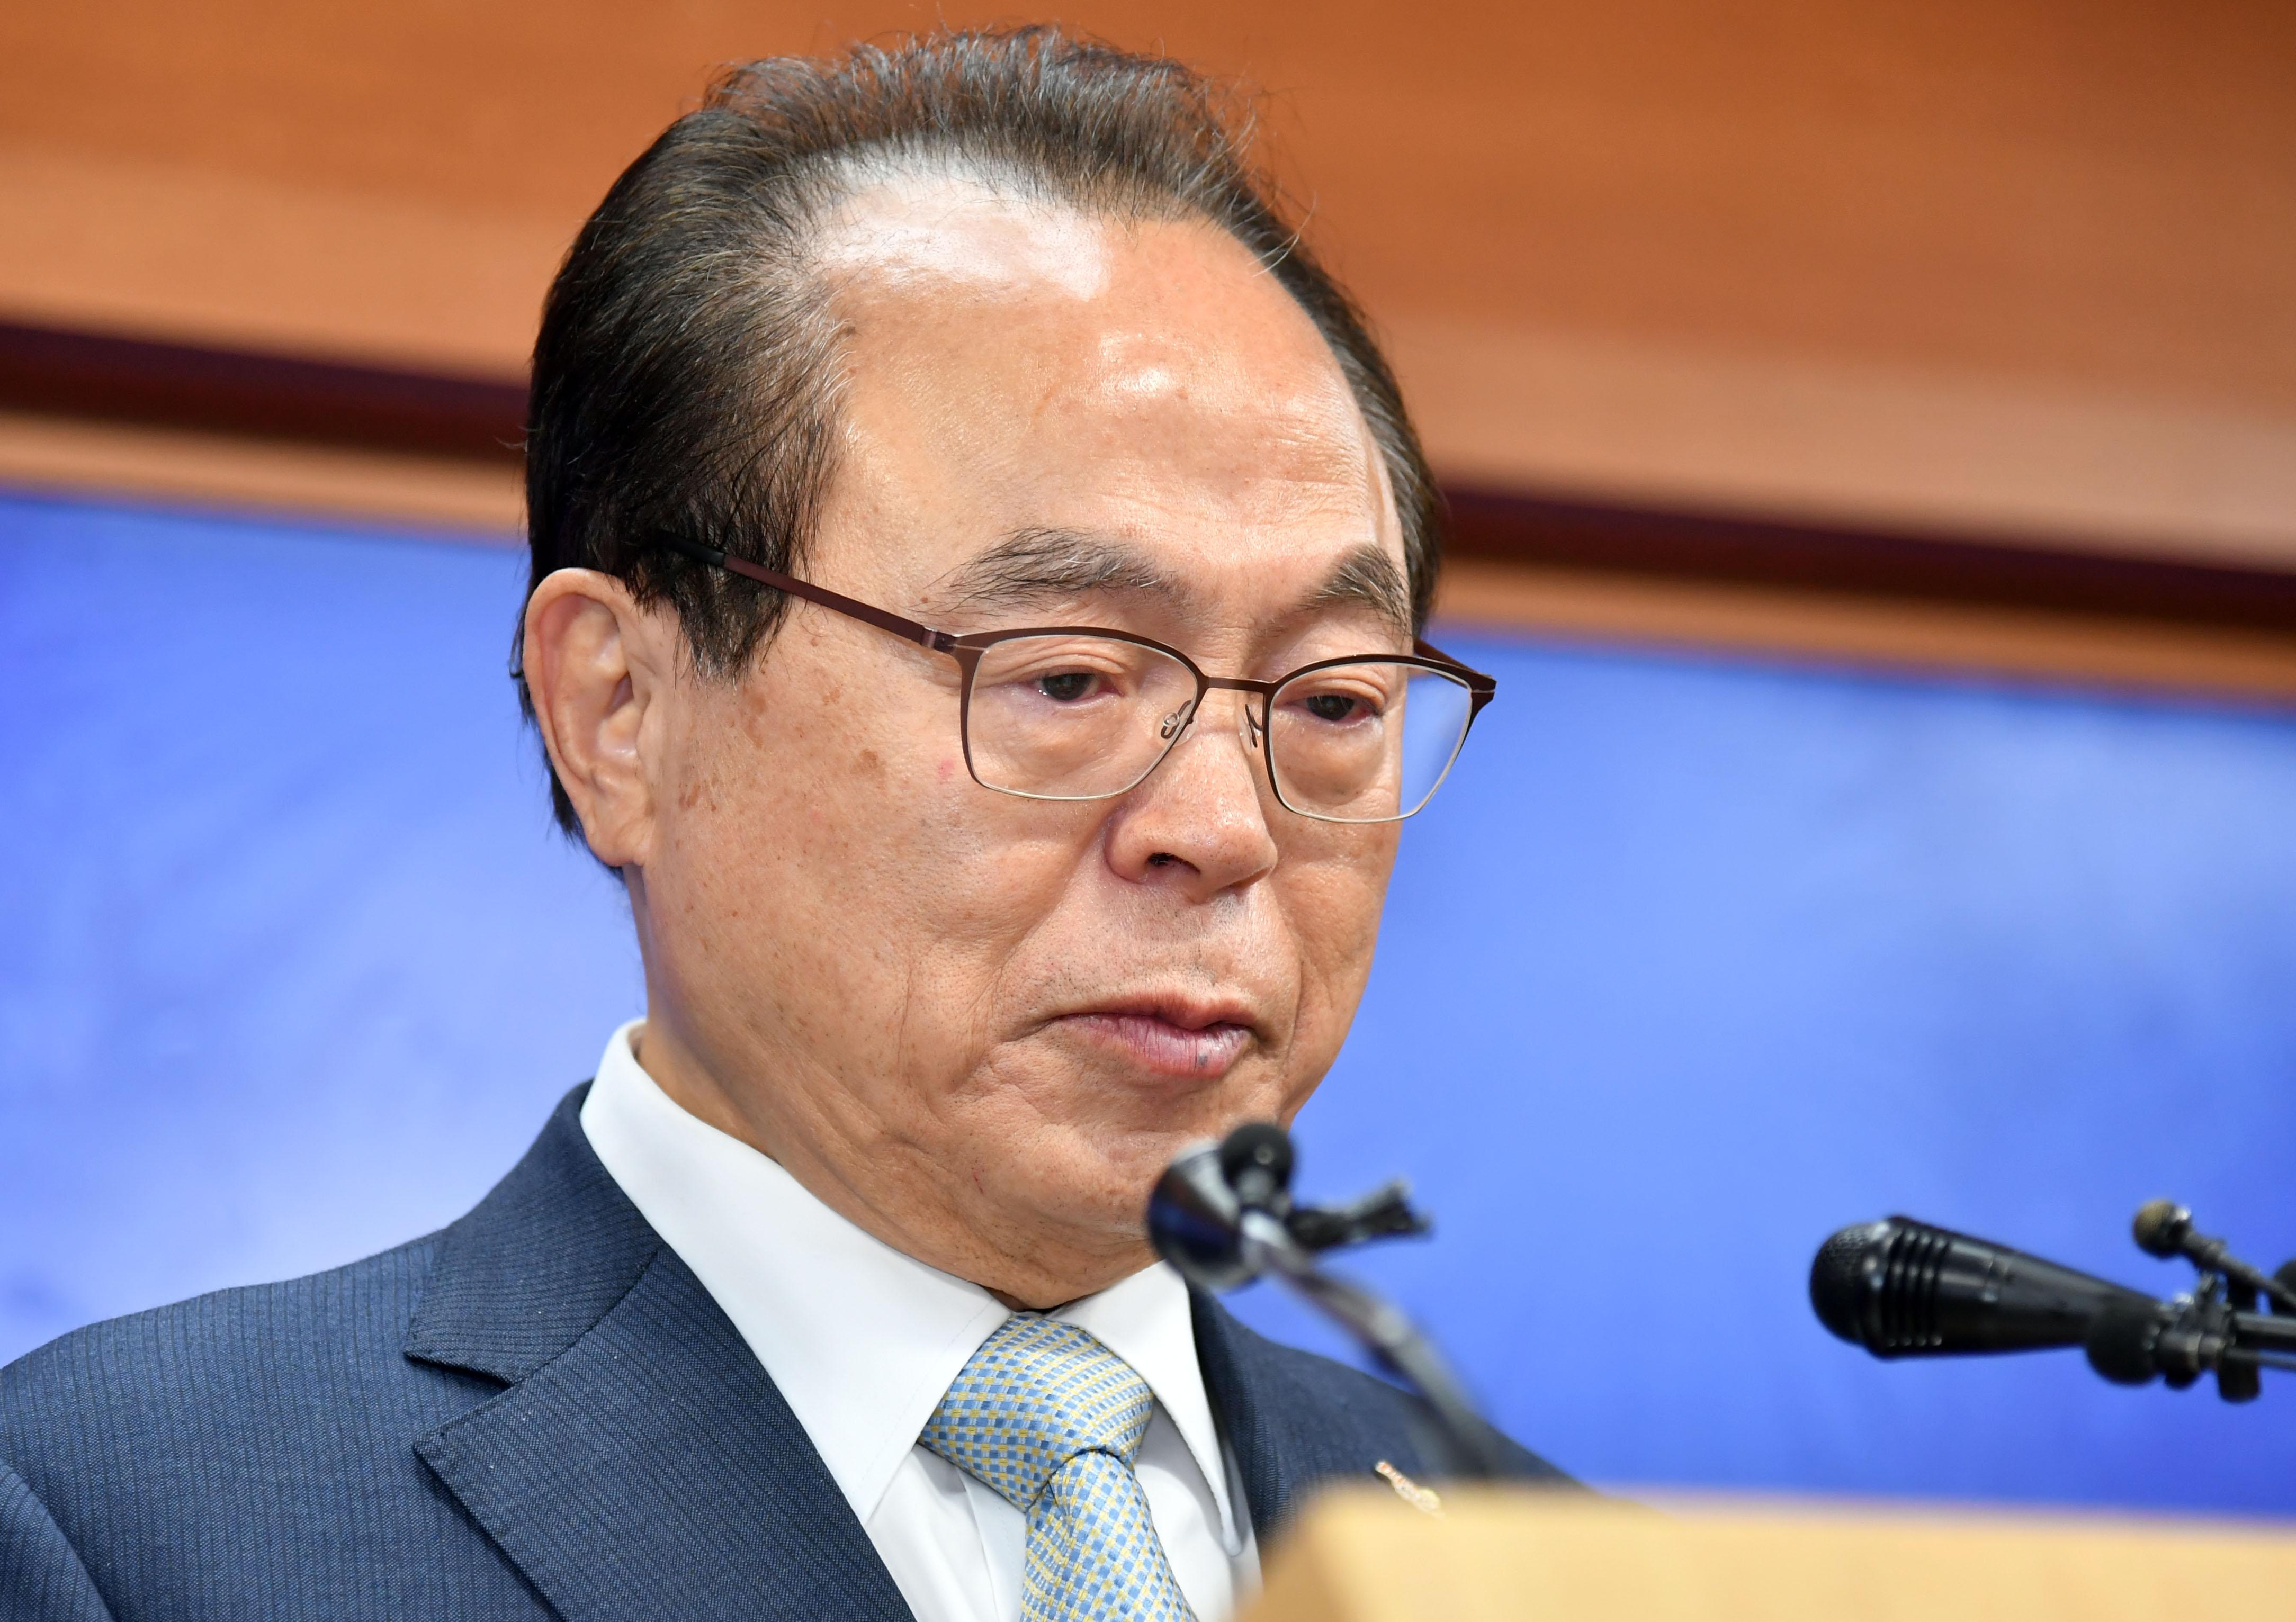 오거돈 부산시장 사퇴 '여성공무원 강제 추행'